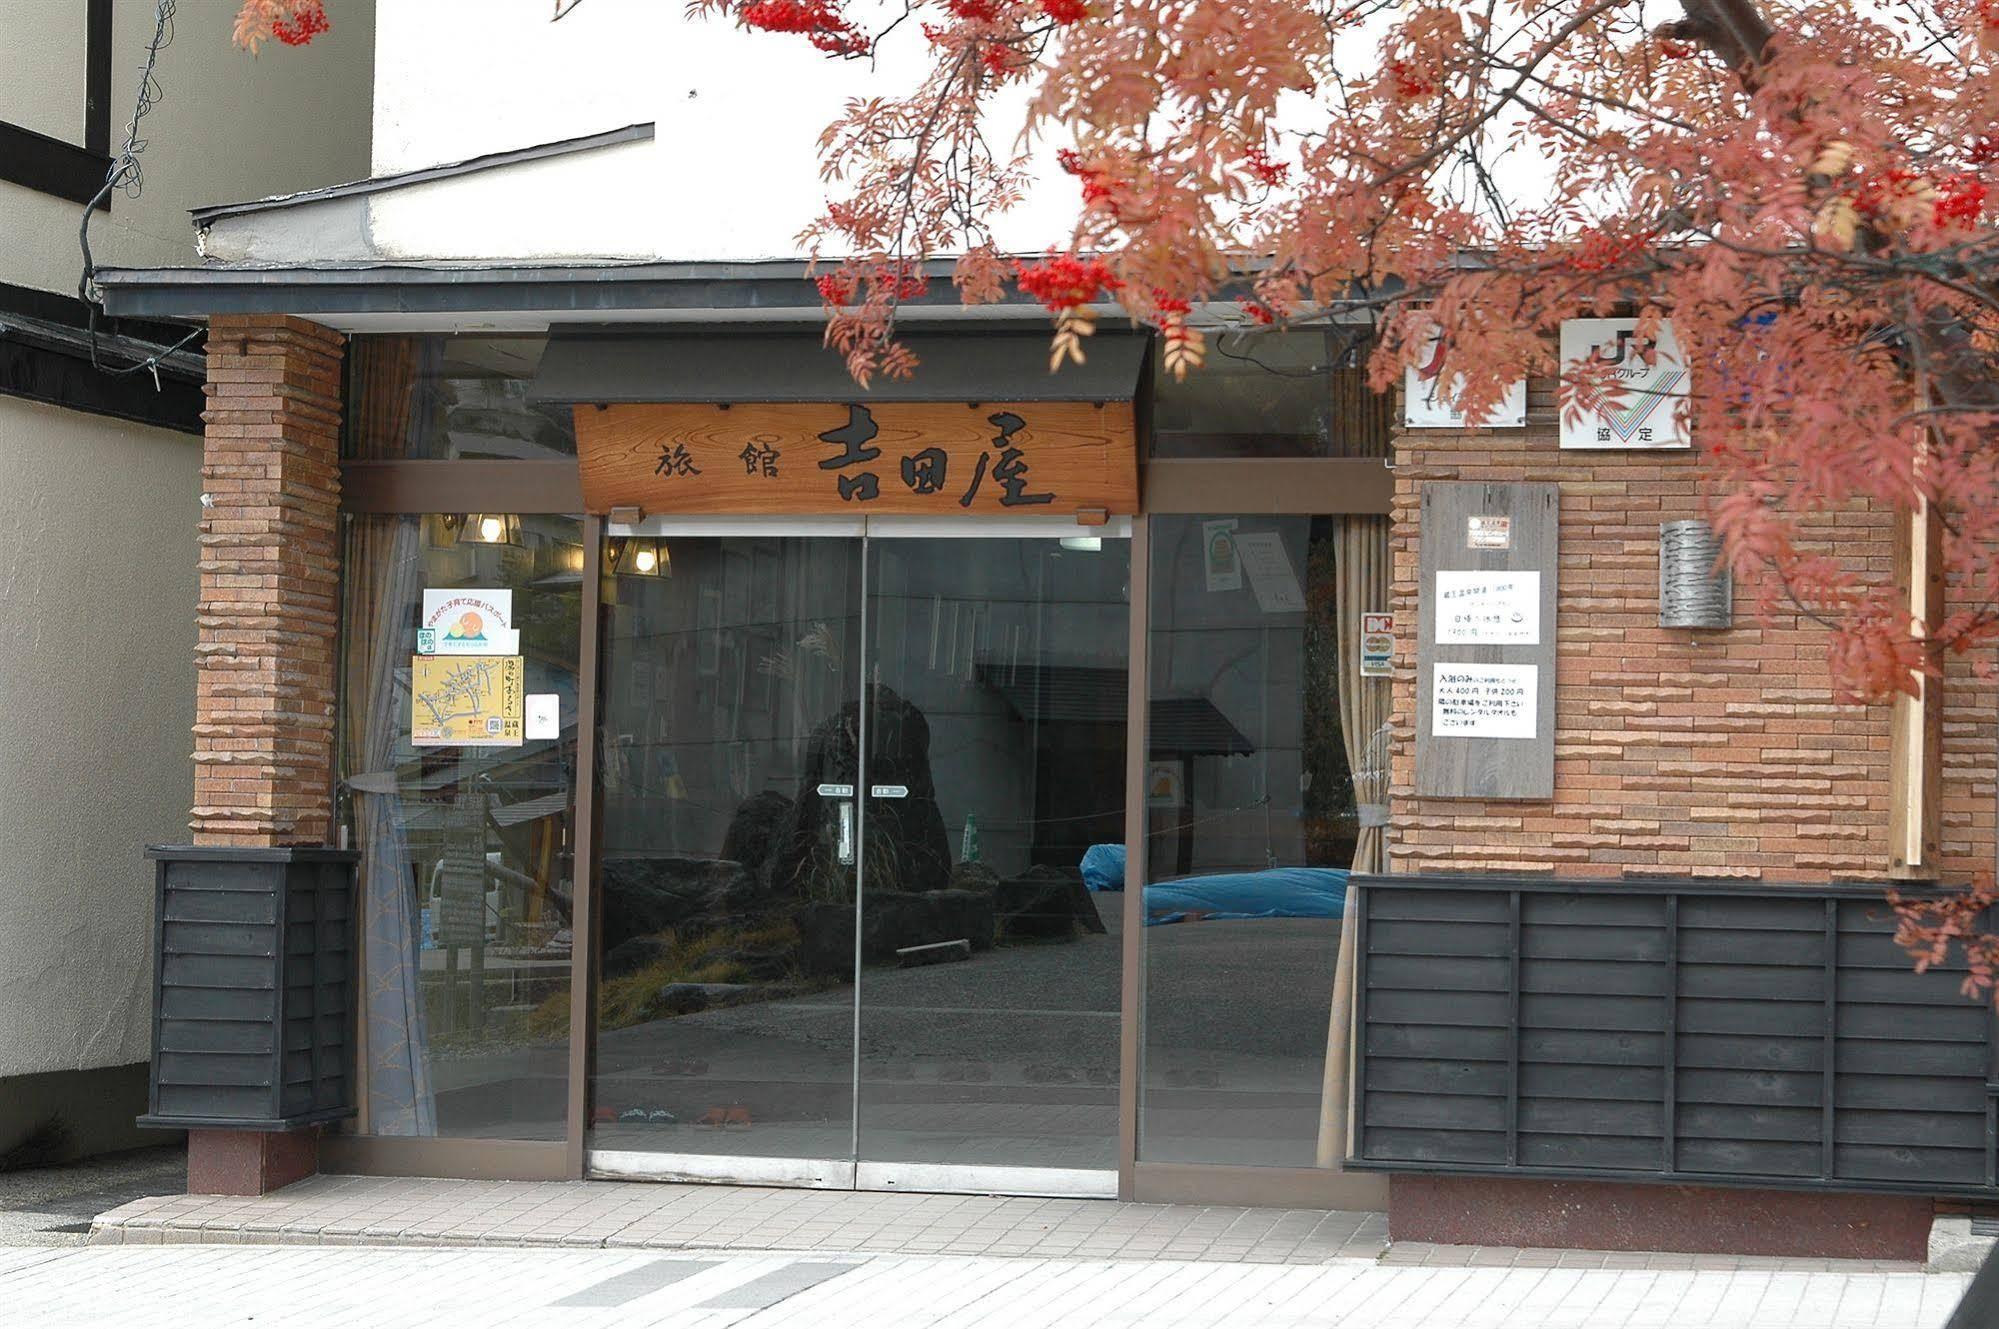 Gallery image of Yoshidaya Ryokan